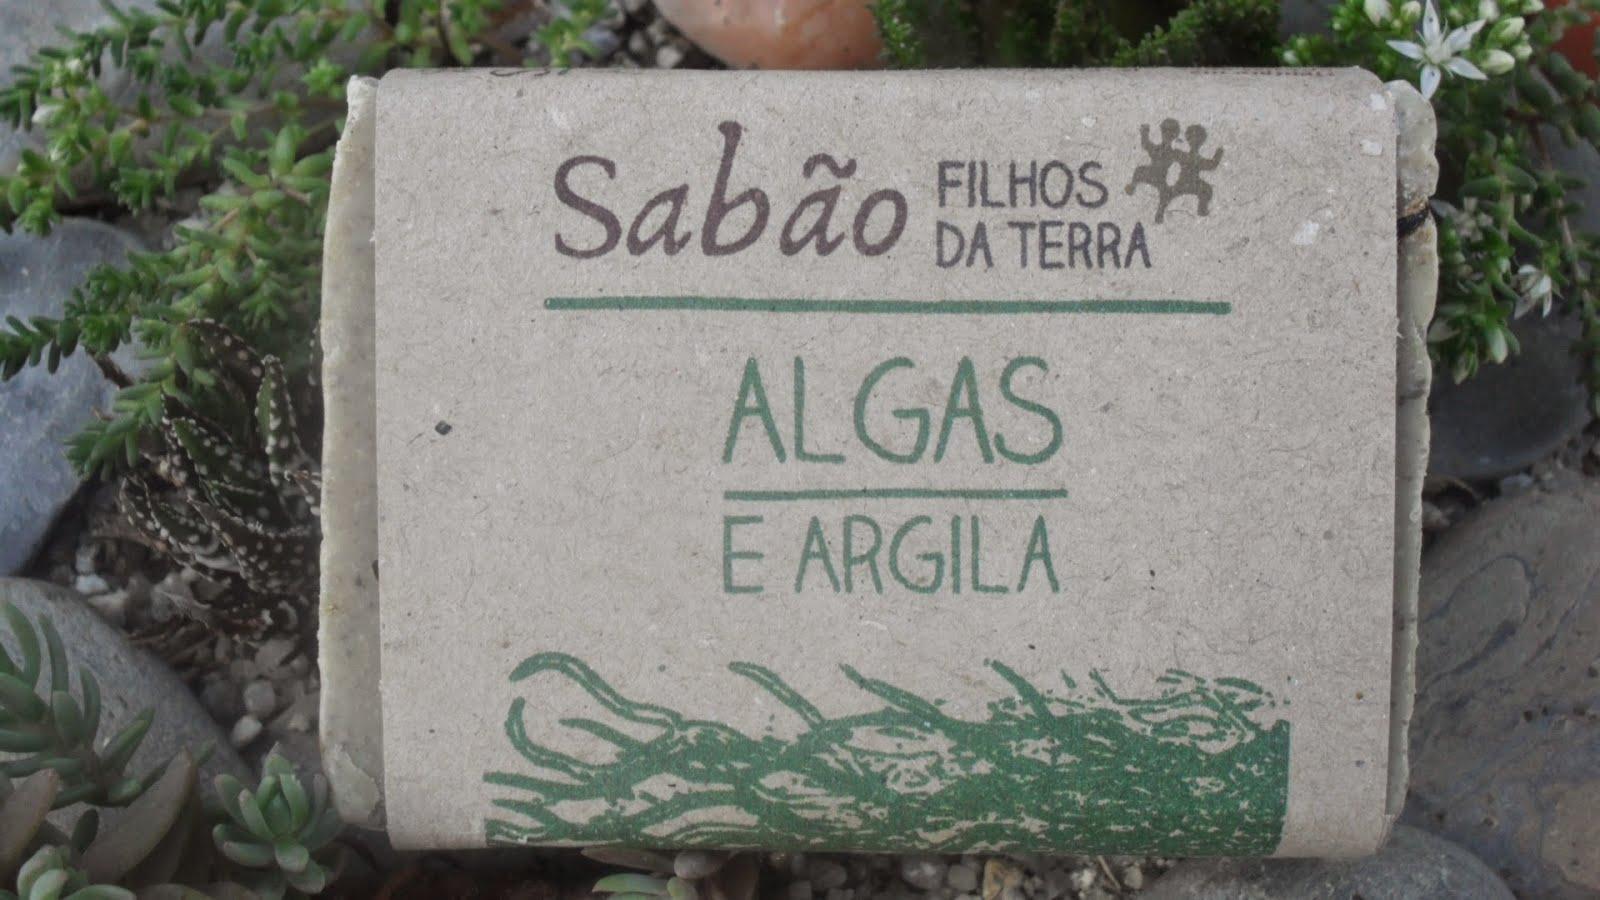 Sabão de Algas e Argila